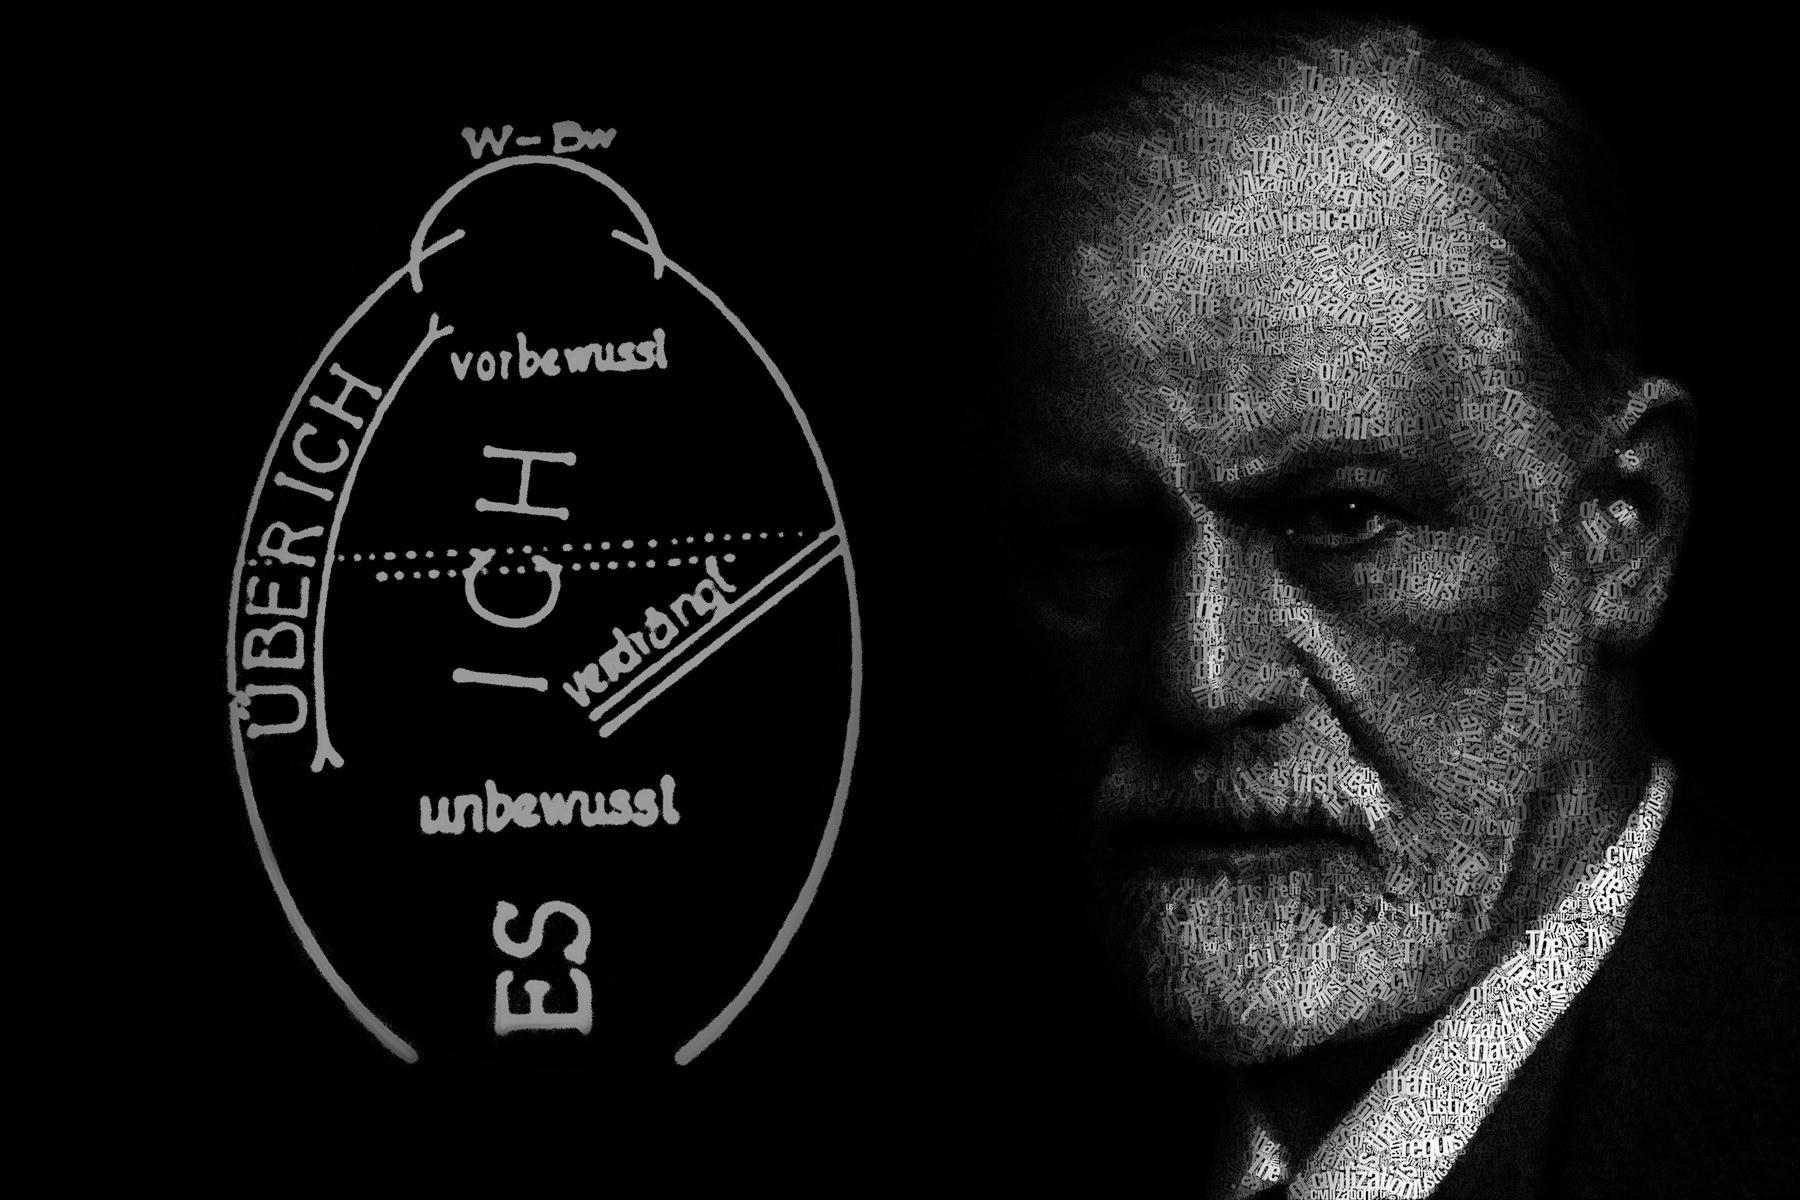 Lettino Psicoanalisi Vendita.Sigmund Freud La Scoperta Dell Inconscio E La Psicoanalisi